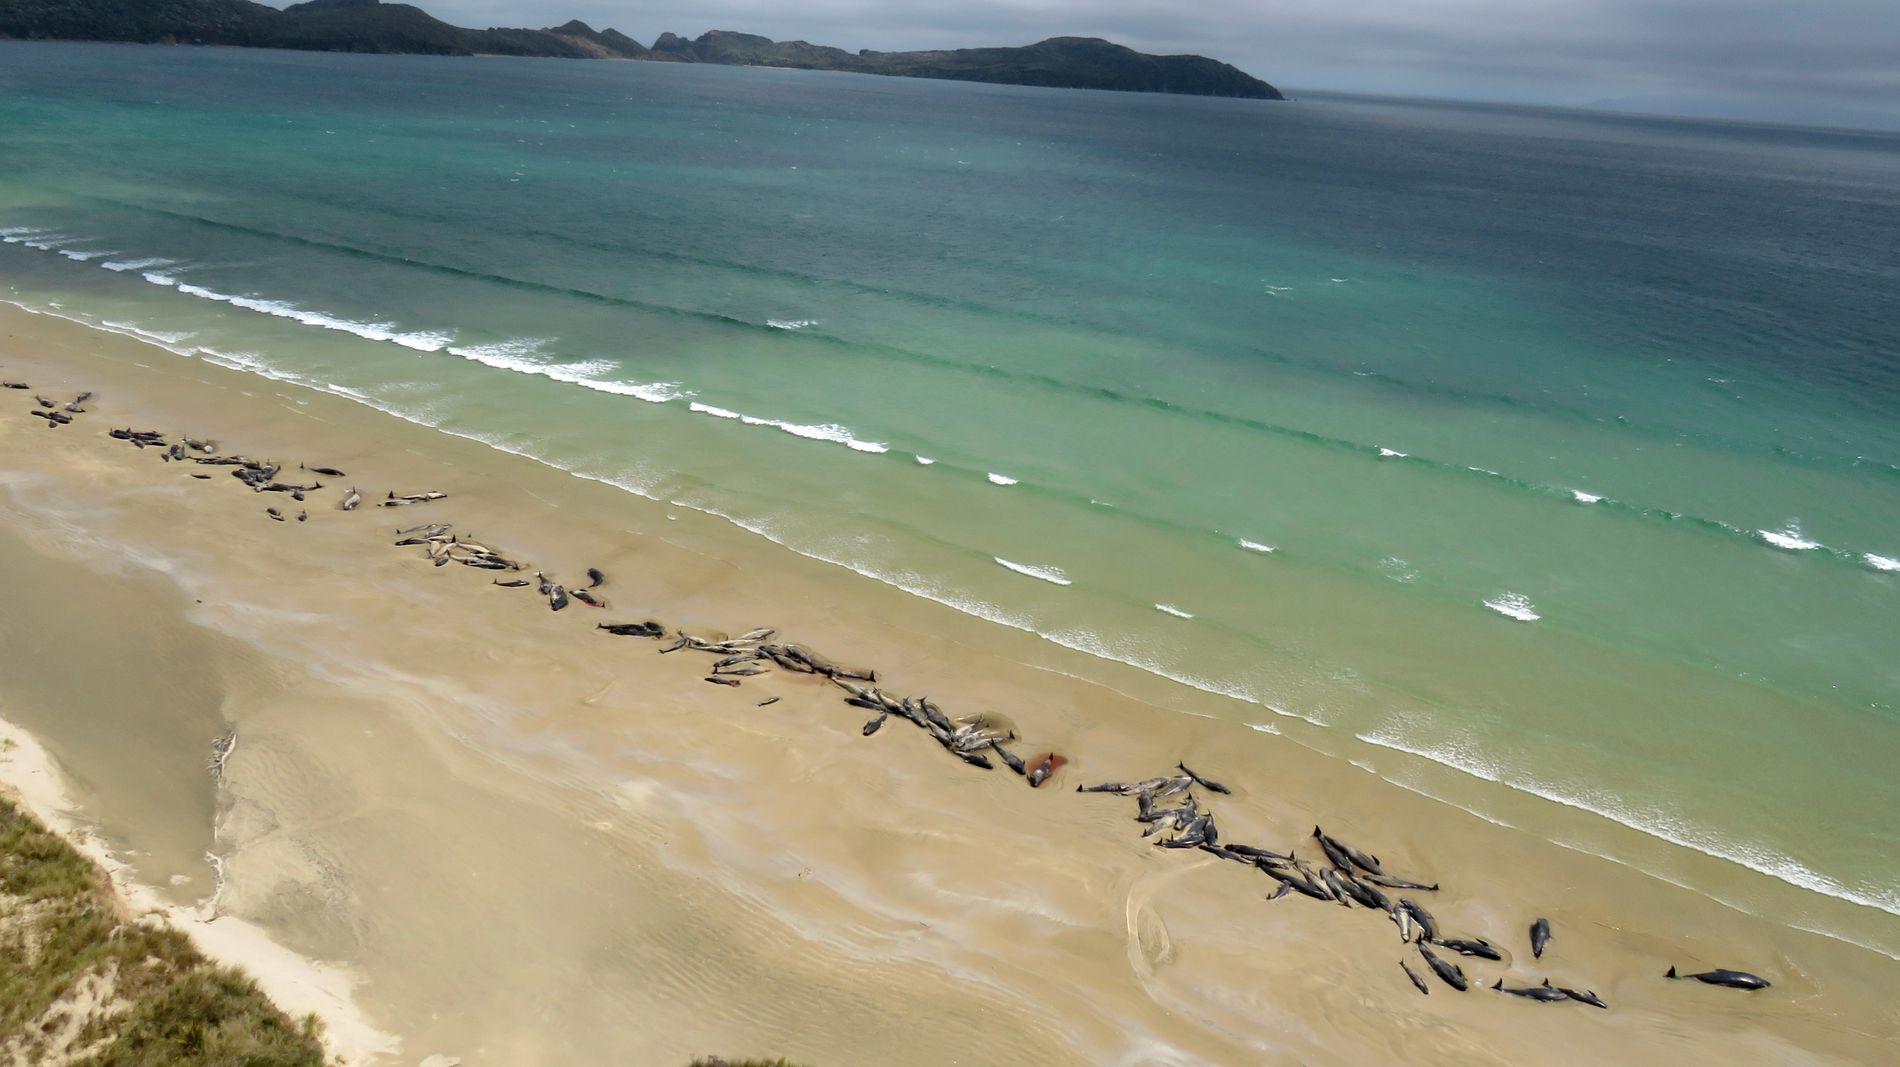 TRIST SYN: Slik så strandlinjen på Stewart Island, New Zealand ut søndag etter en turgåer oppdaget nesten 150 hvaler liggende på land.